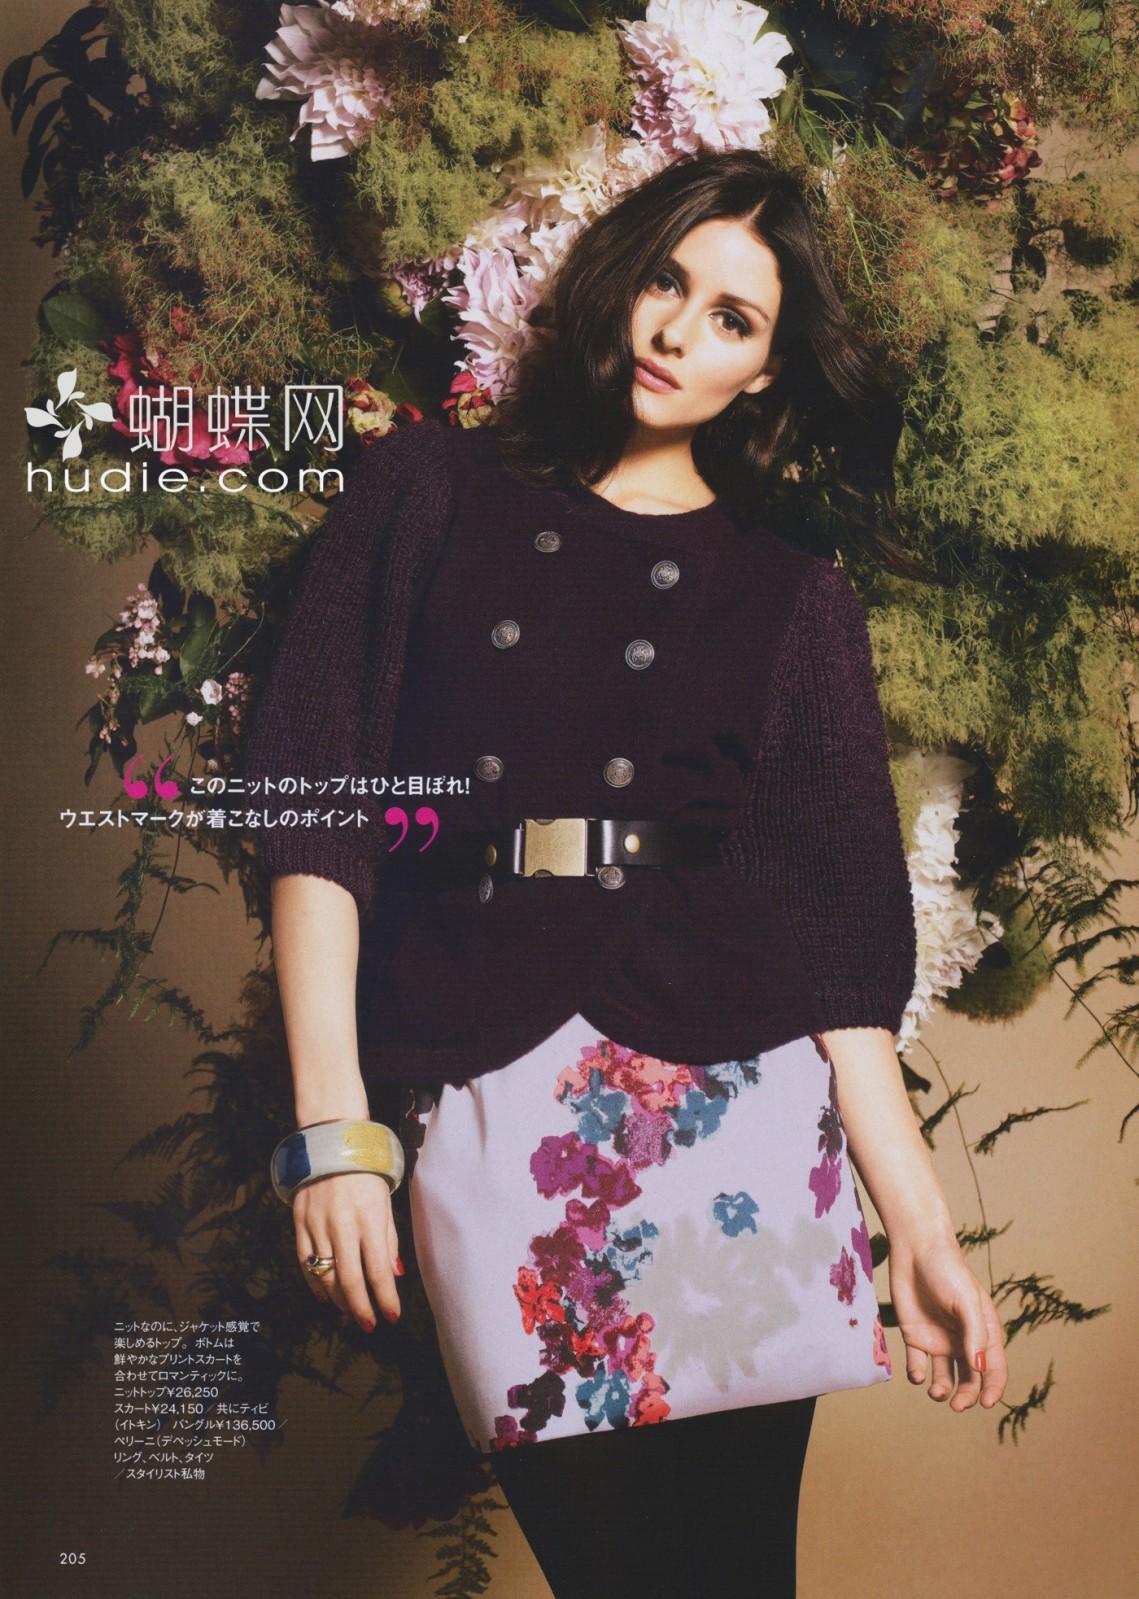 http://2.bp.blogspot.com/_GgQtqLiRv-8/TKHKHXXJjdI/AAAAAAAAxfE/DvpACZXQBNc/s1600/Olivia-Elle-Japan-4.jpg